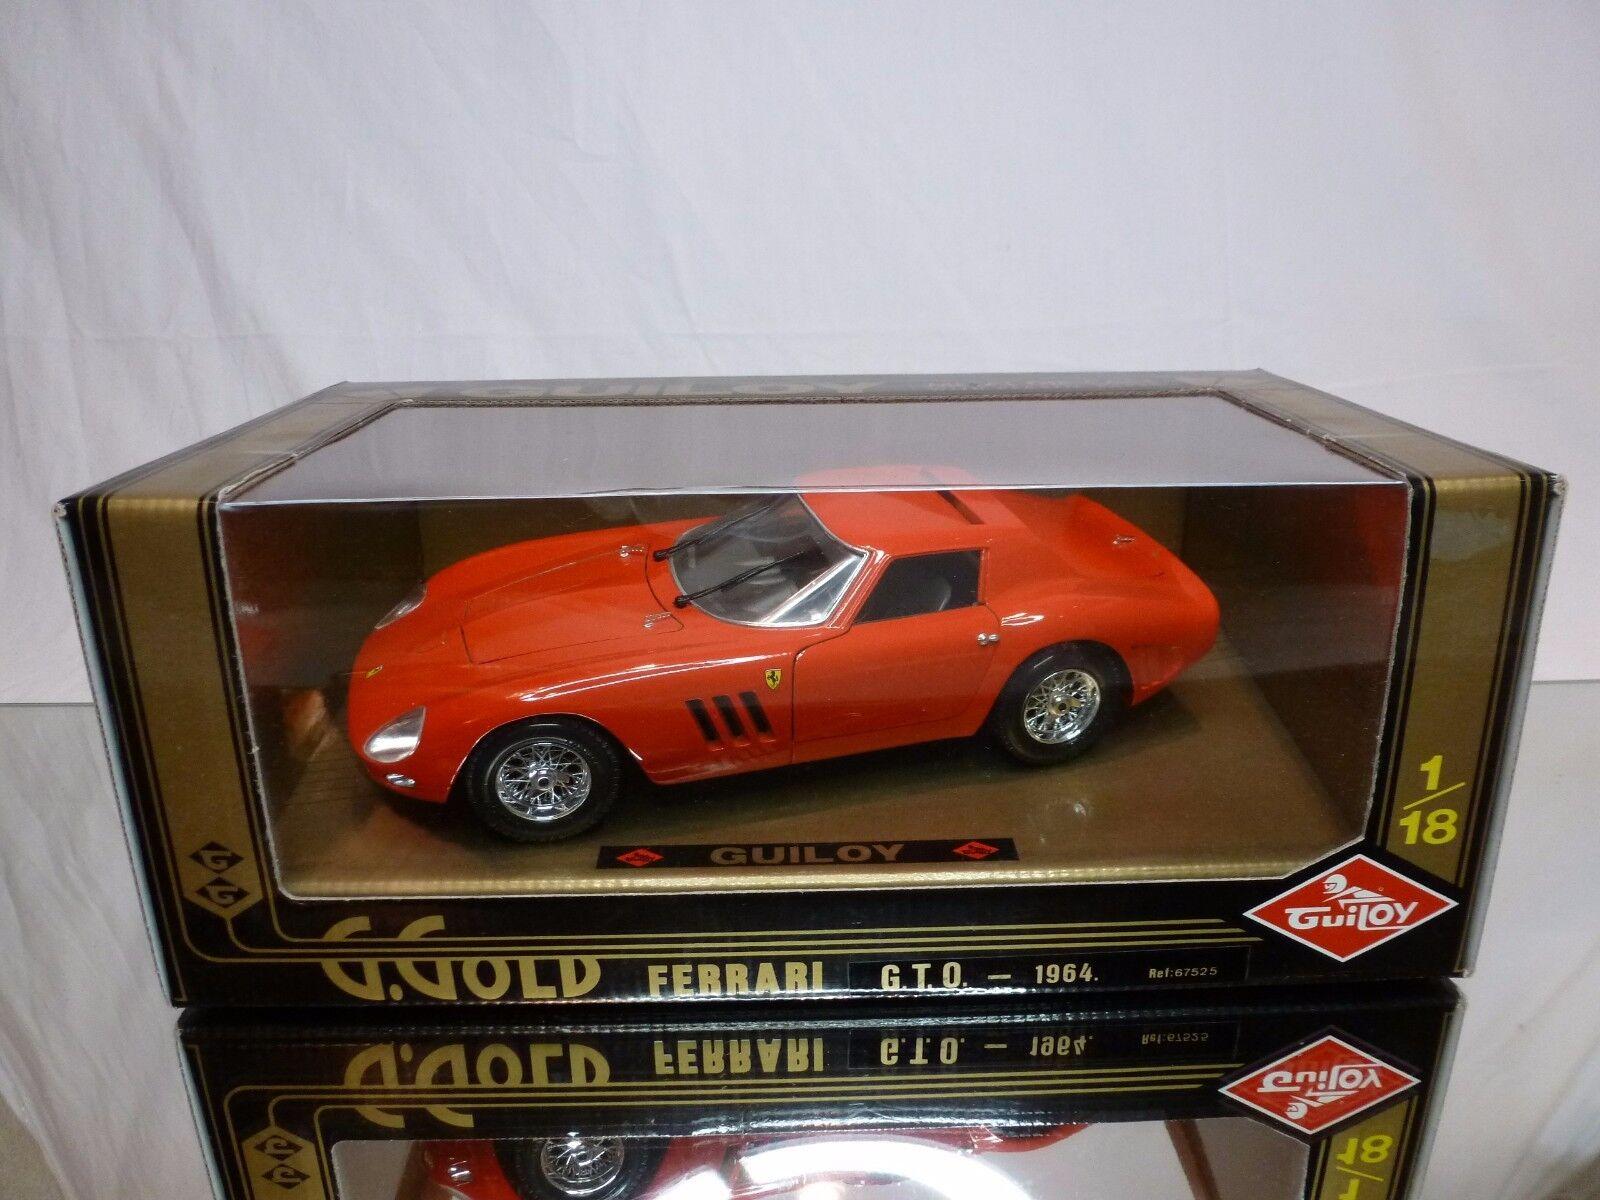 GUILOY 67525 FERRARI GTO 1964 - rosso 1 18 - EXCELLENT IN BOX